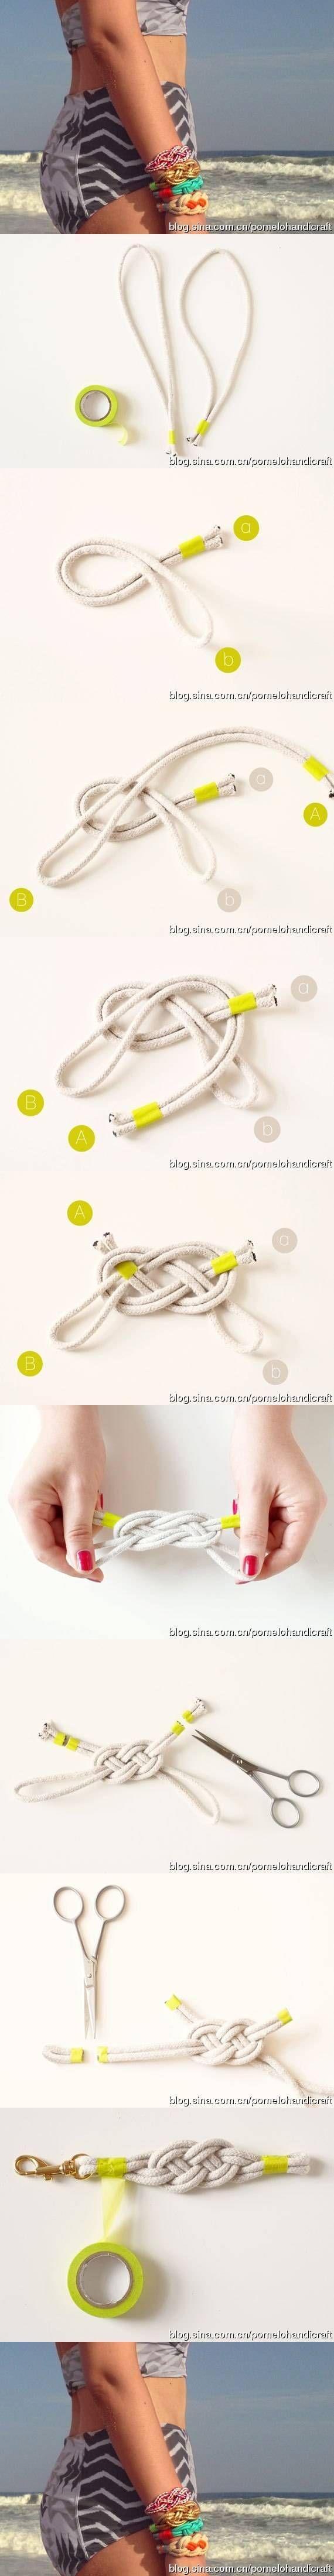 DIY Knot Bracelets How to